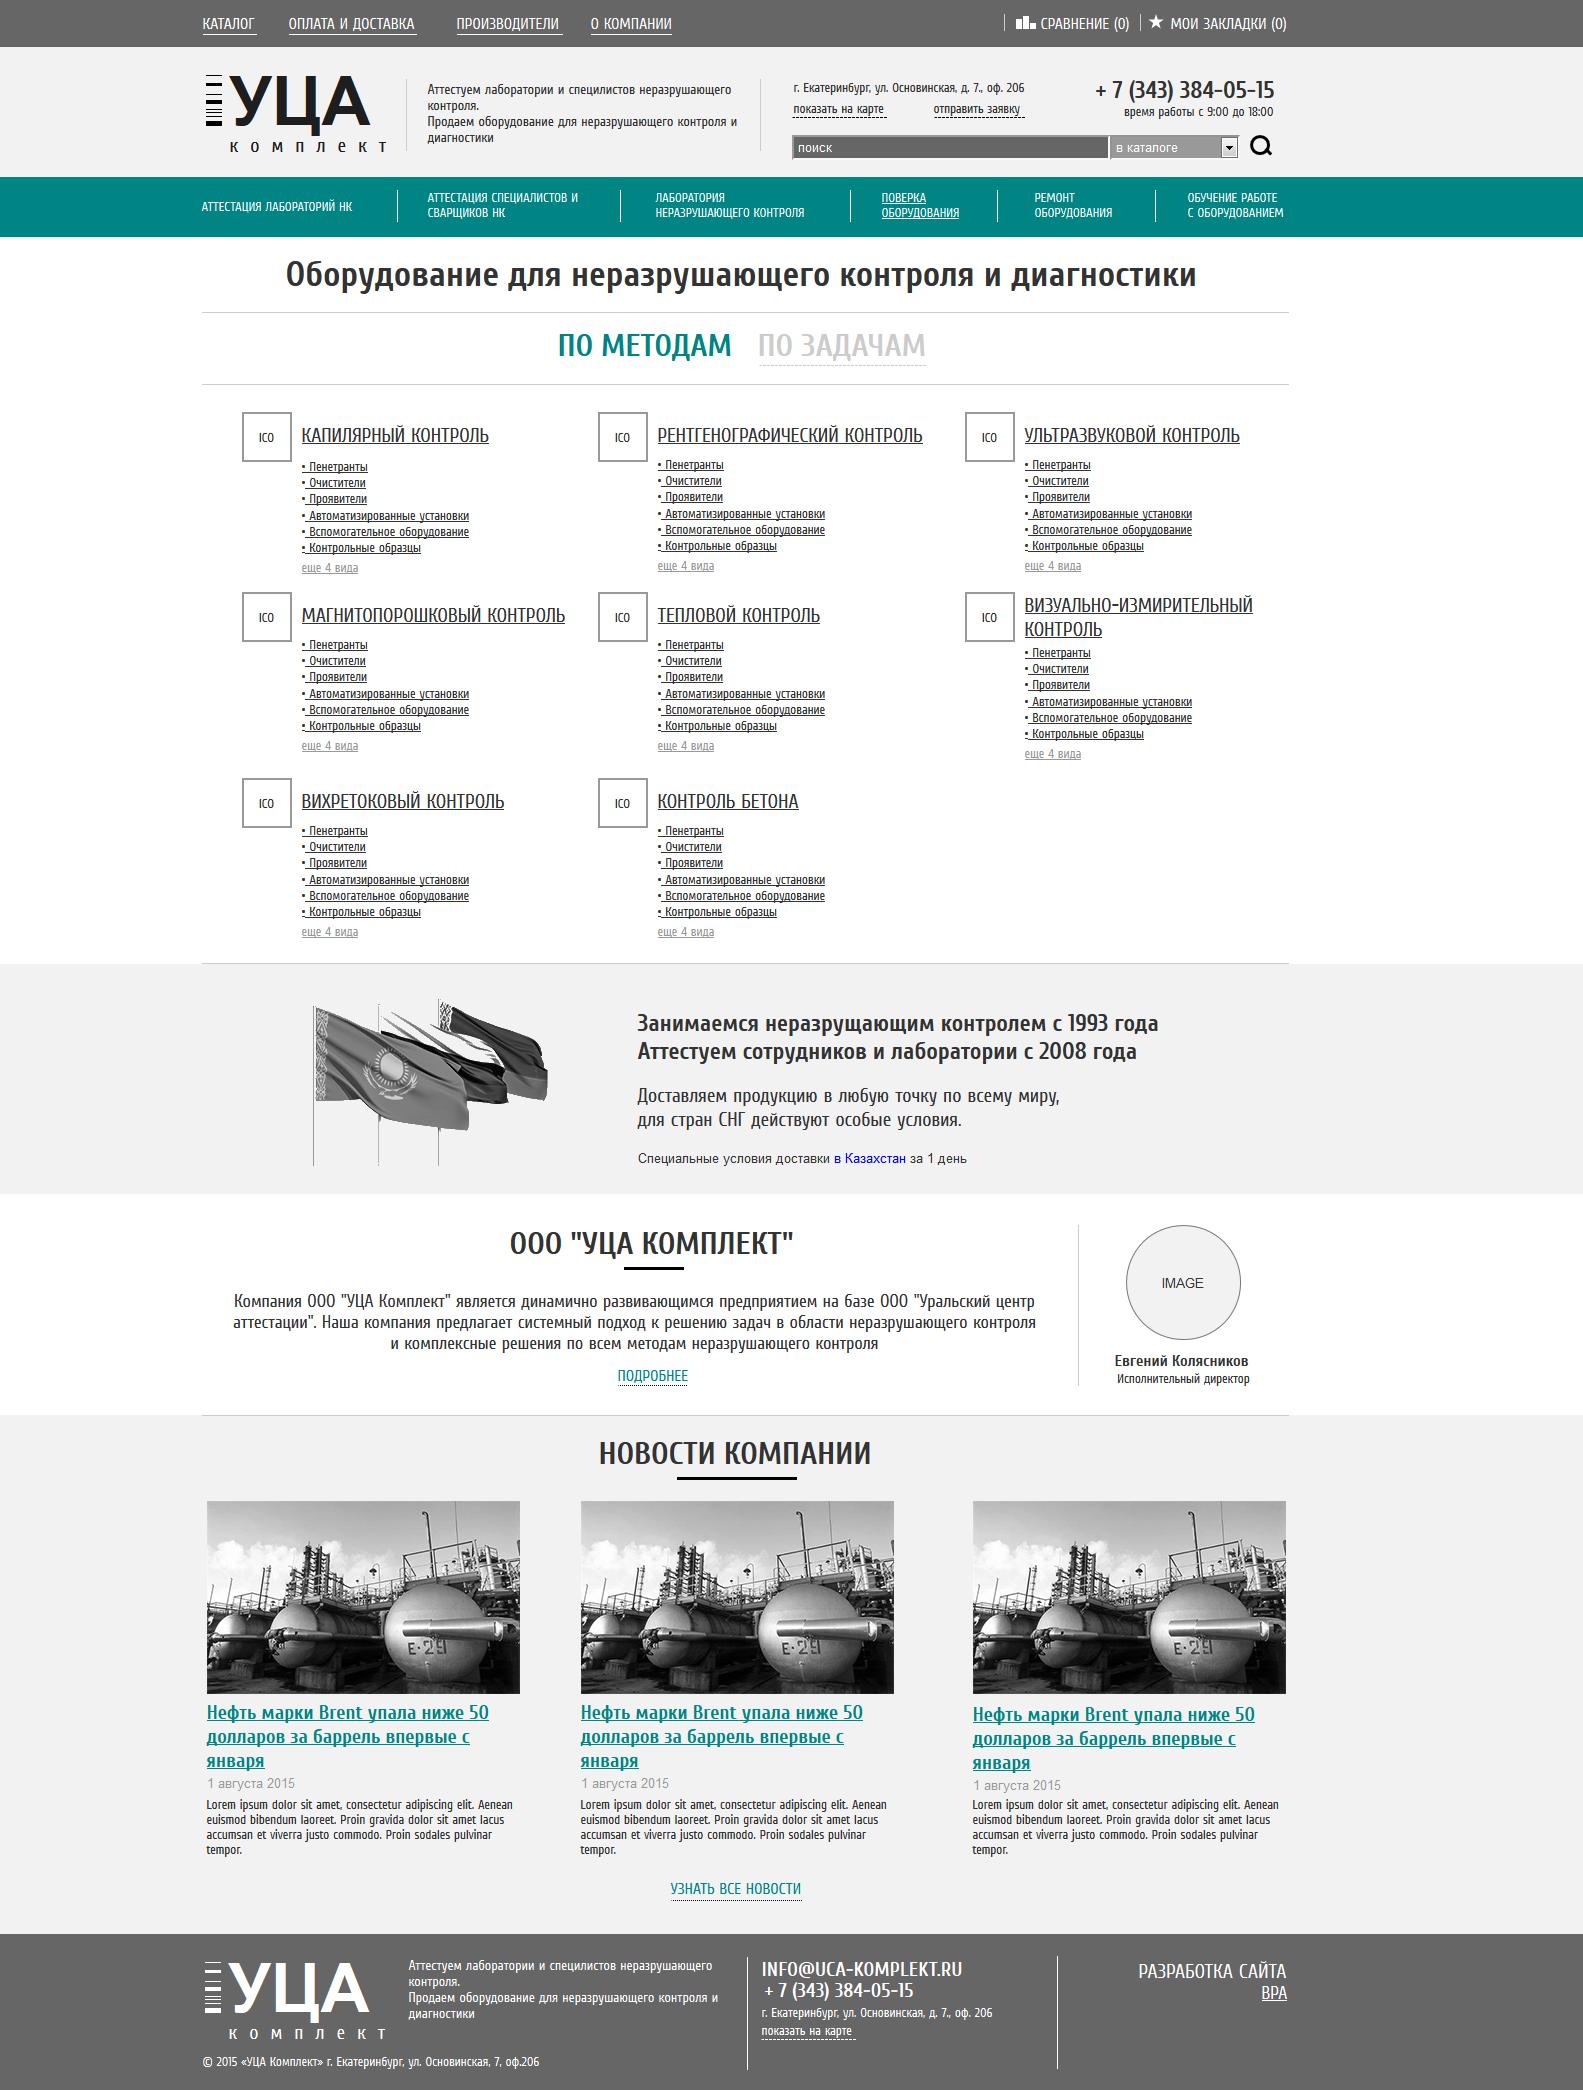 Прототип большинства основных страниц для сайта оборудования неразрушающего контроля